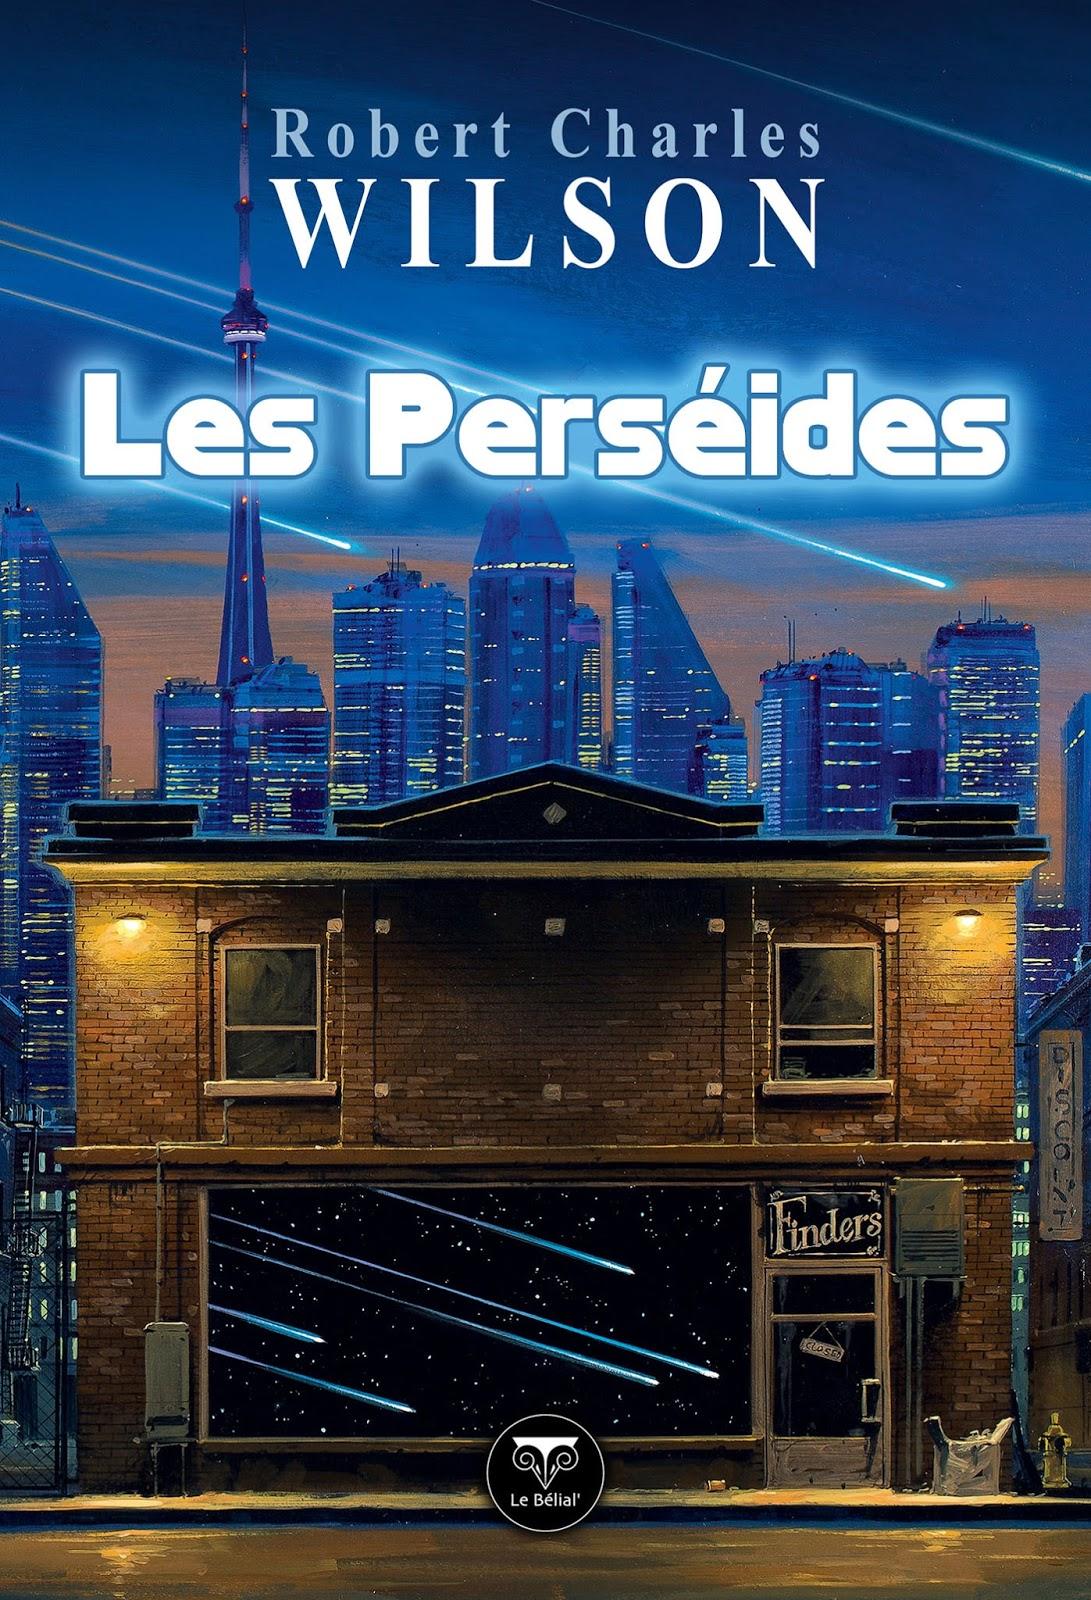 http://unpapillondanslalune.blogspot.fr/2014/12/les-perseides-et-autres-nouvelles-de.html